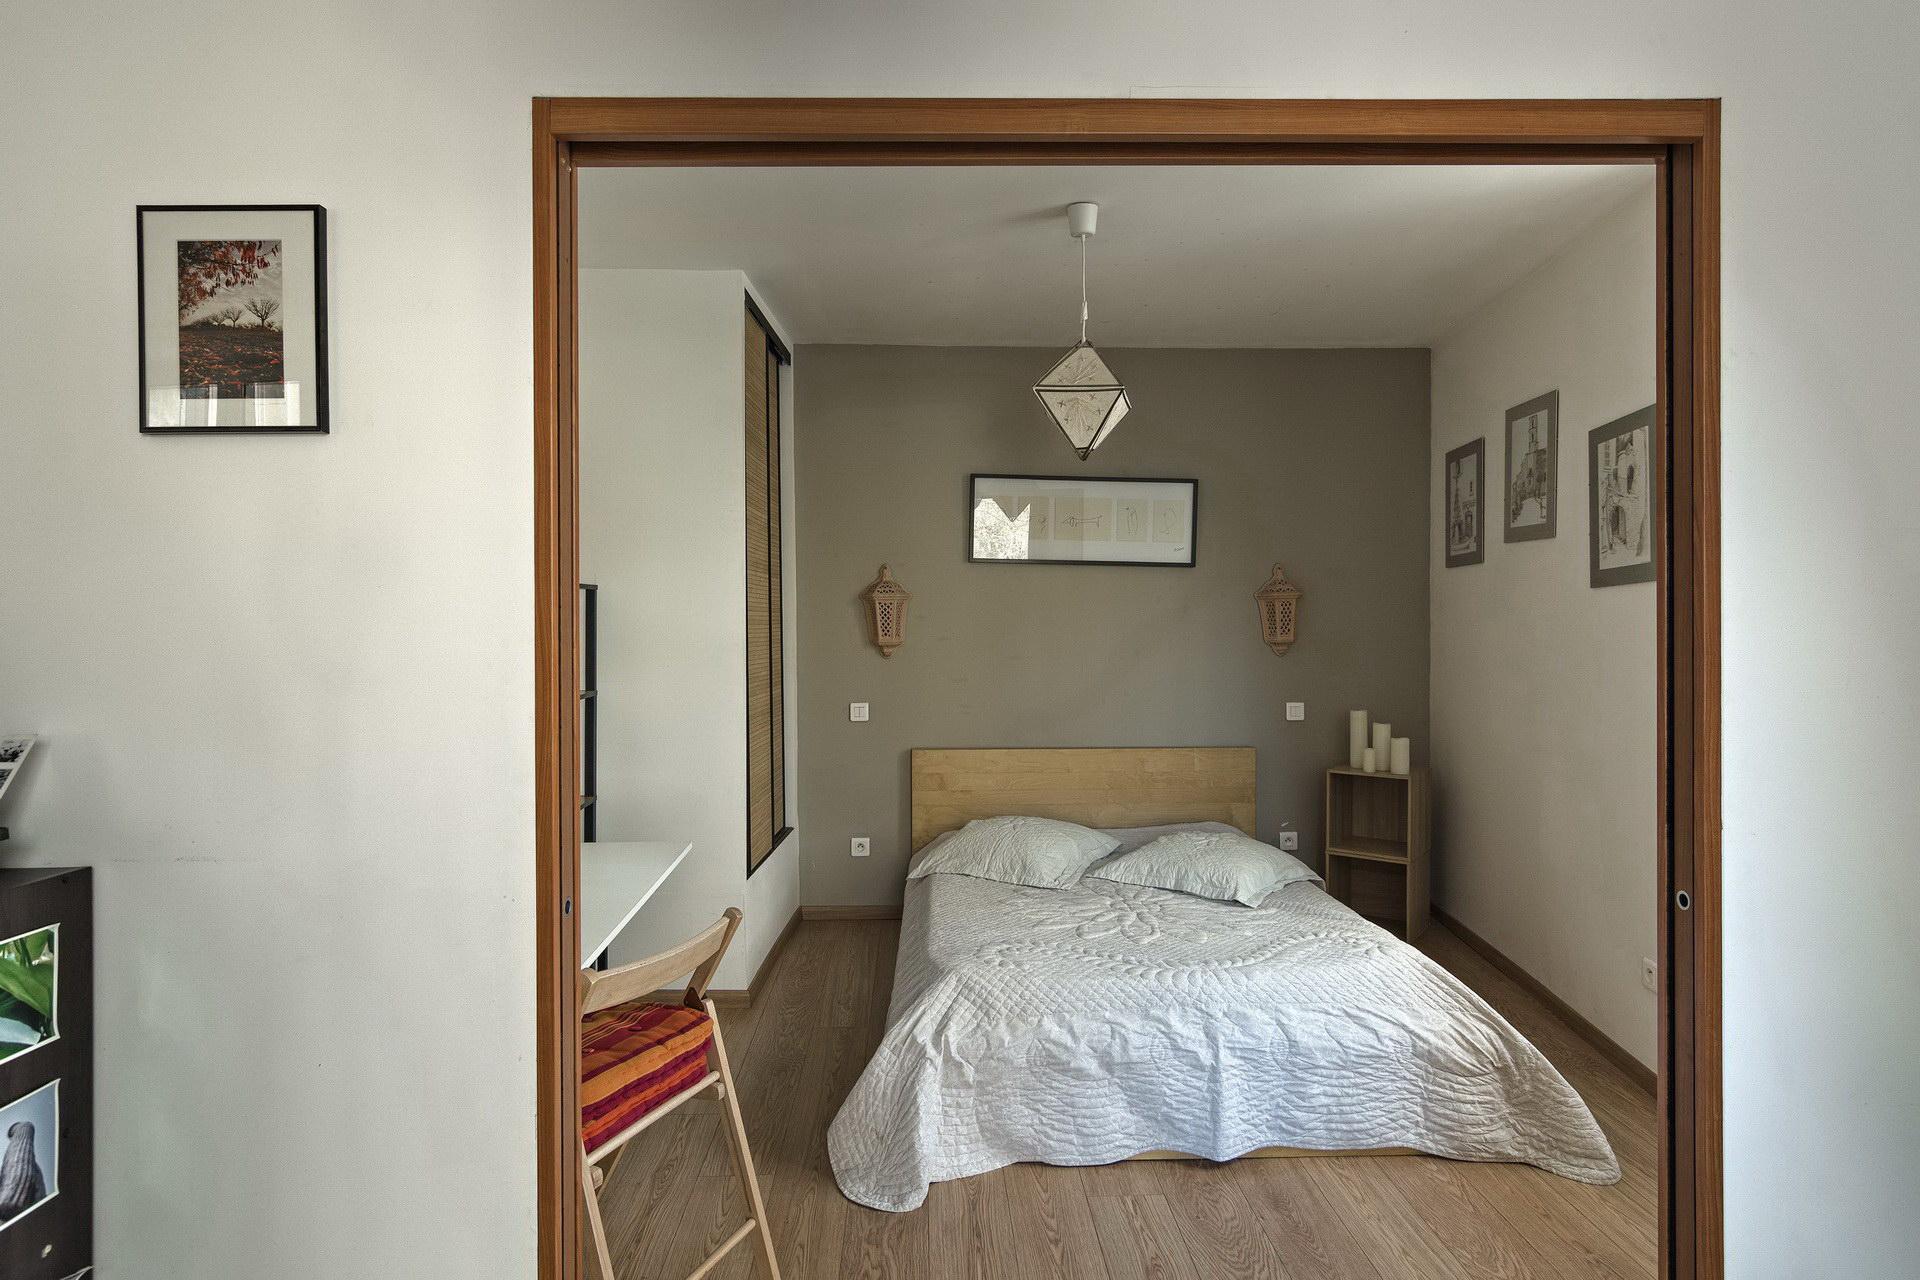 appartement de charme en location à Forcalquier couvhage 2 personnes